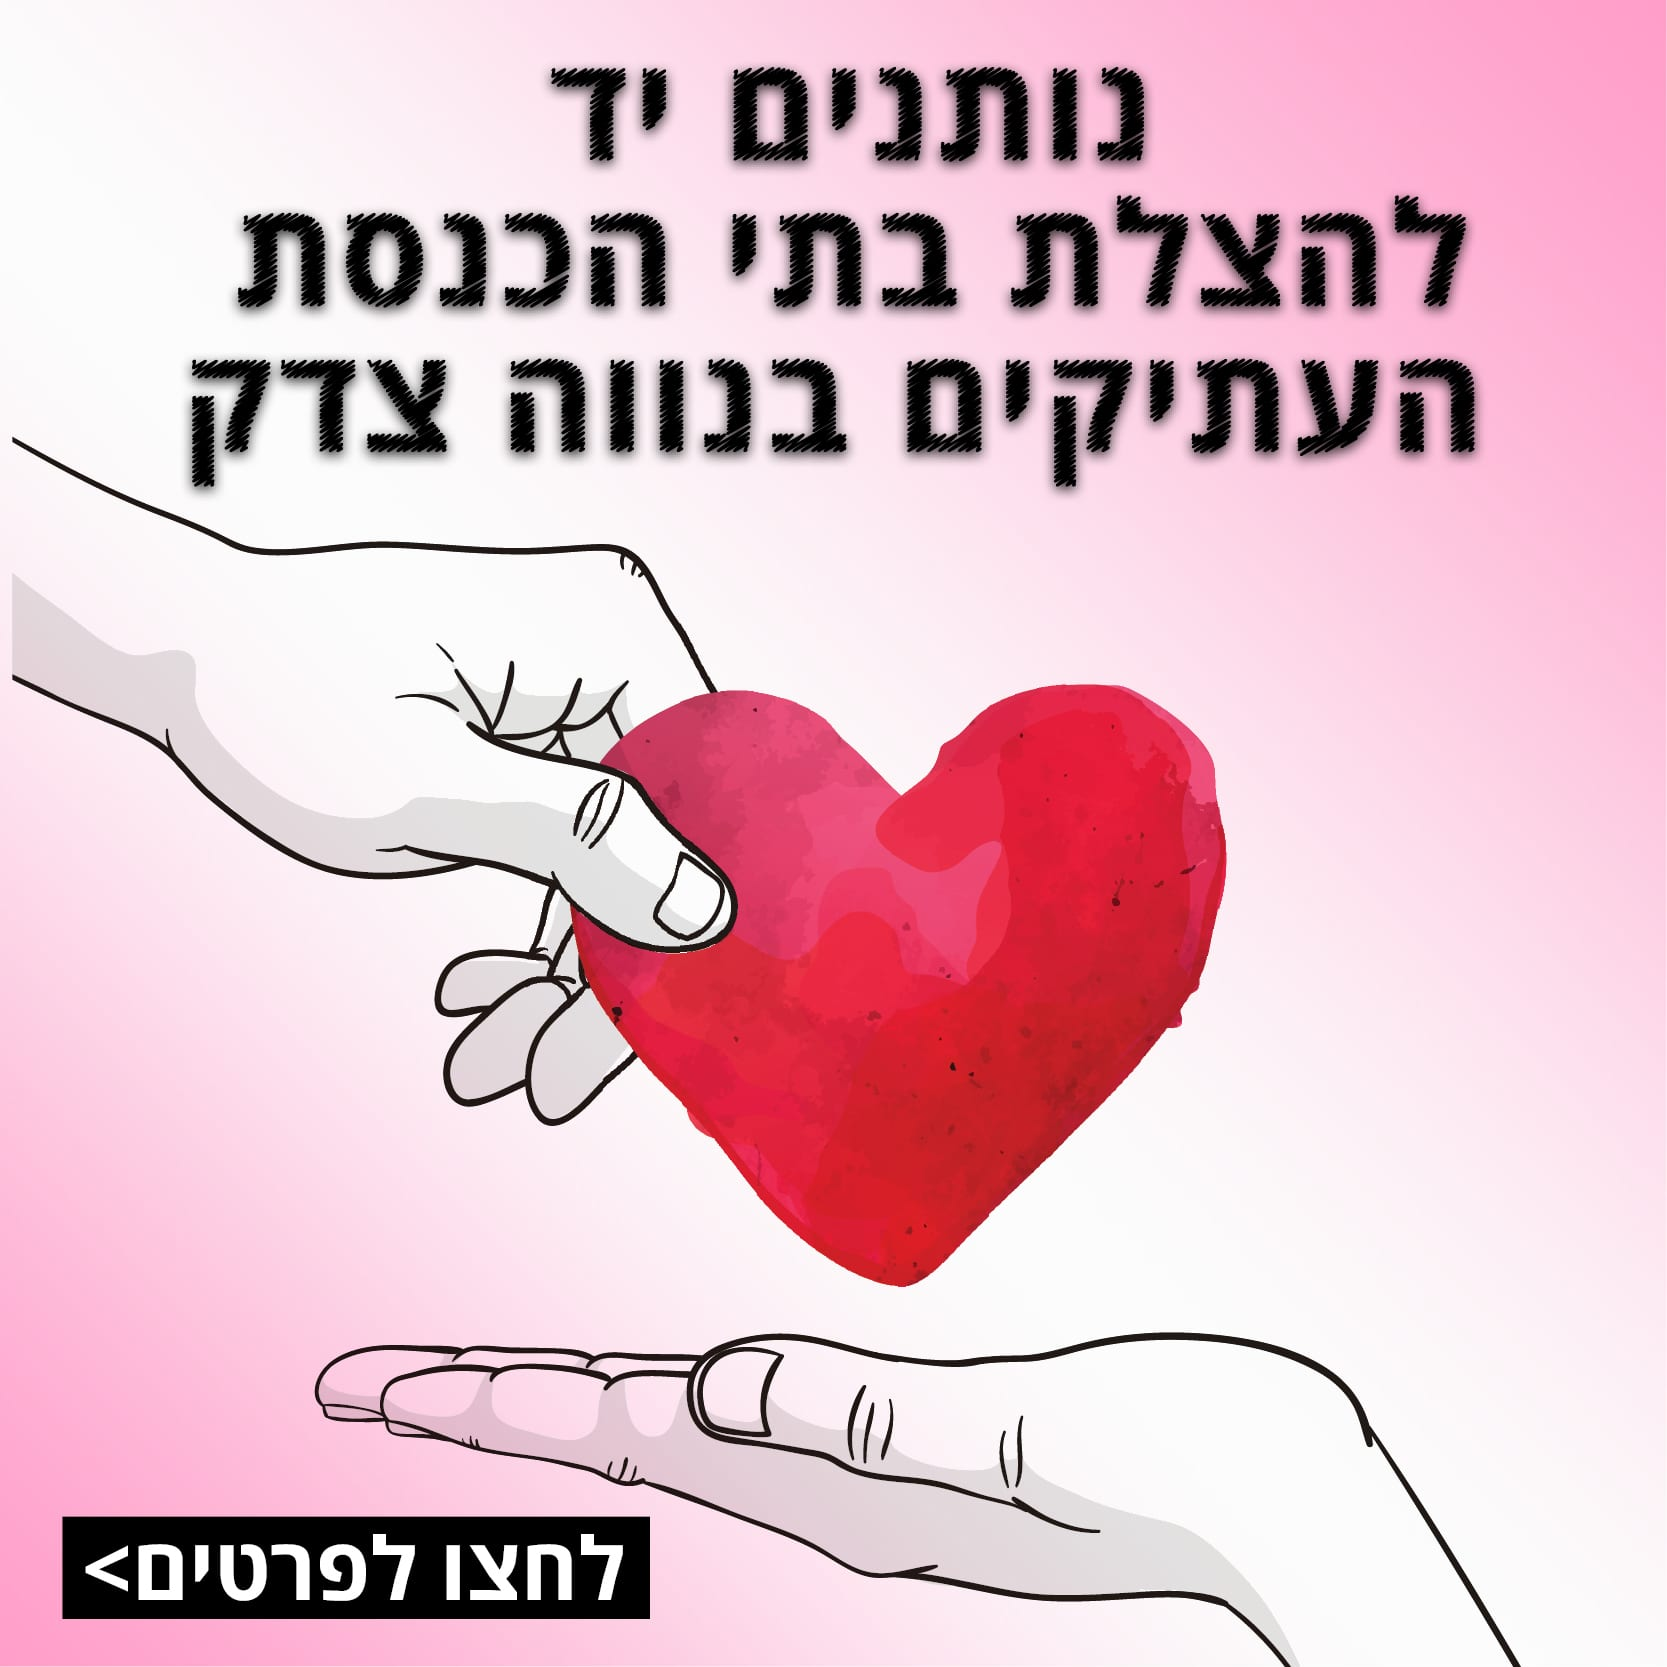 פרוייקט-הצלת-בתי-הכנסת-בנווה-צדק